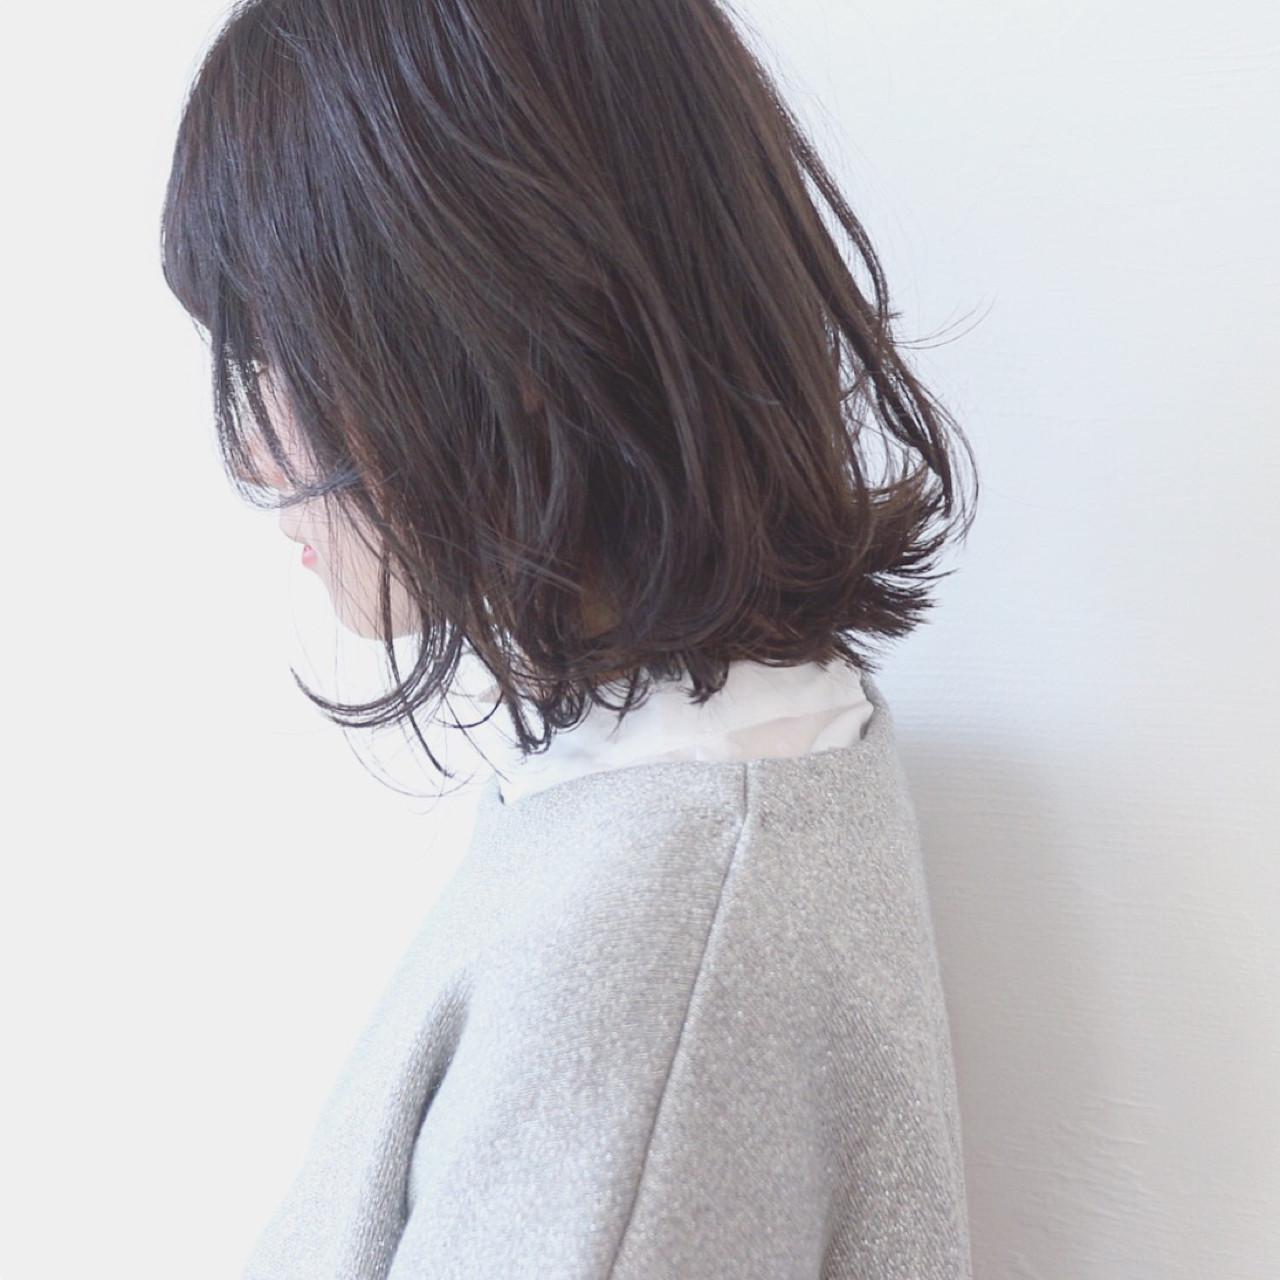 切りっぱなしボブでこなれ感のある外ハネヘア 三好 佳奈美 | Baco.(バコ)